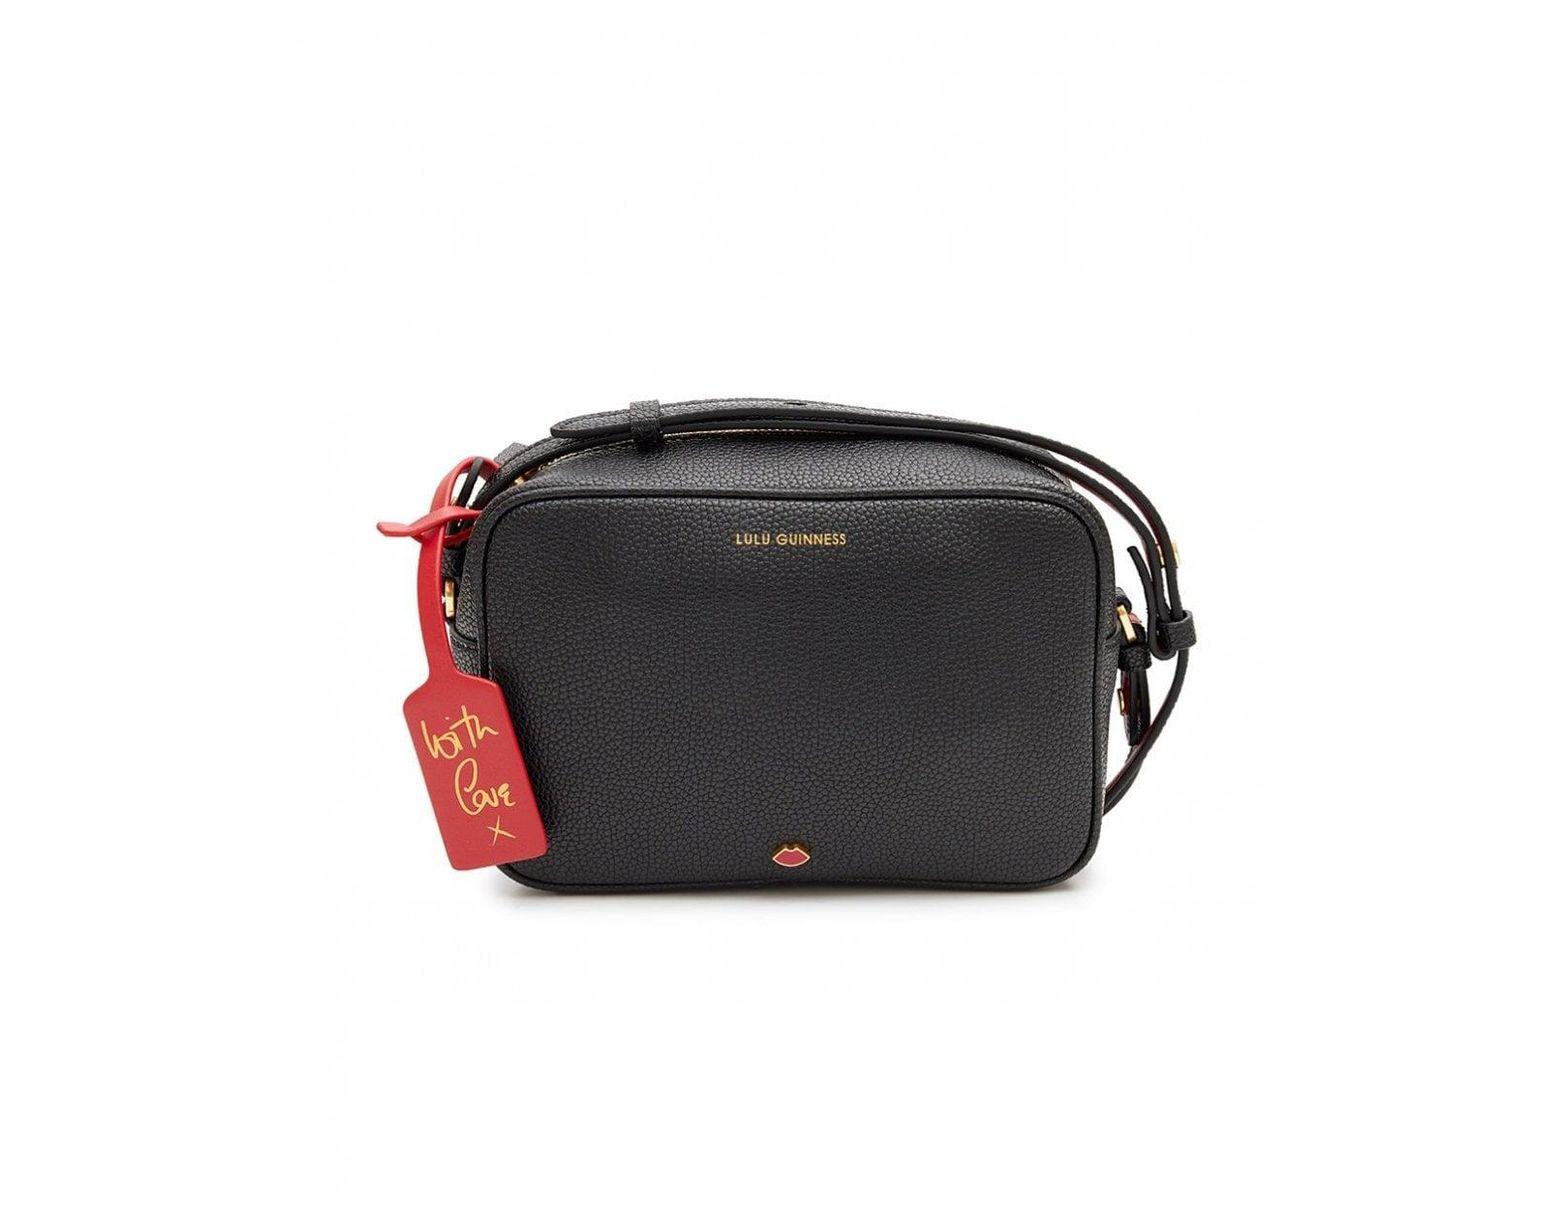 062d8b10270 Lulu Guinness Leather Patsy Cross Body Bag in Black - Lyst